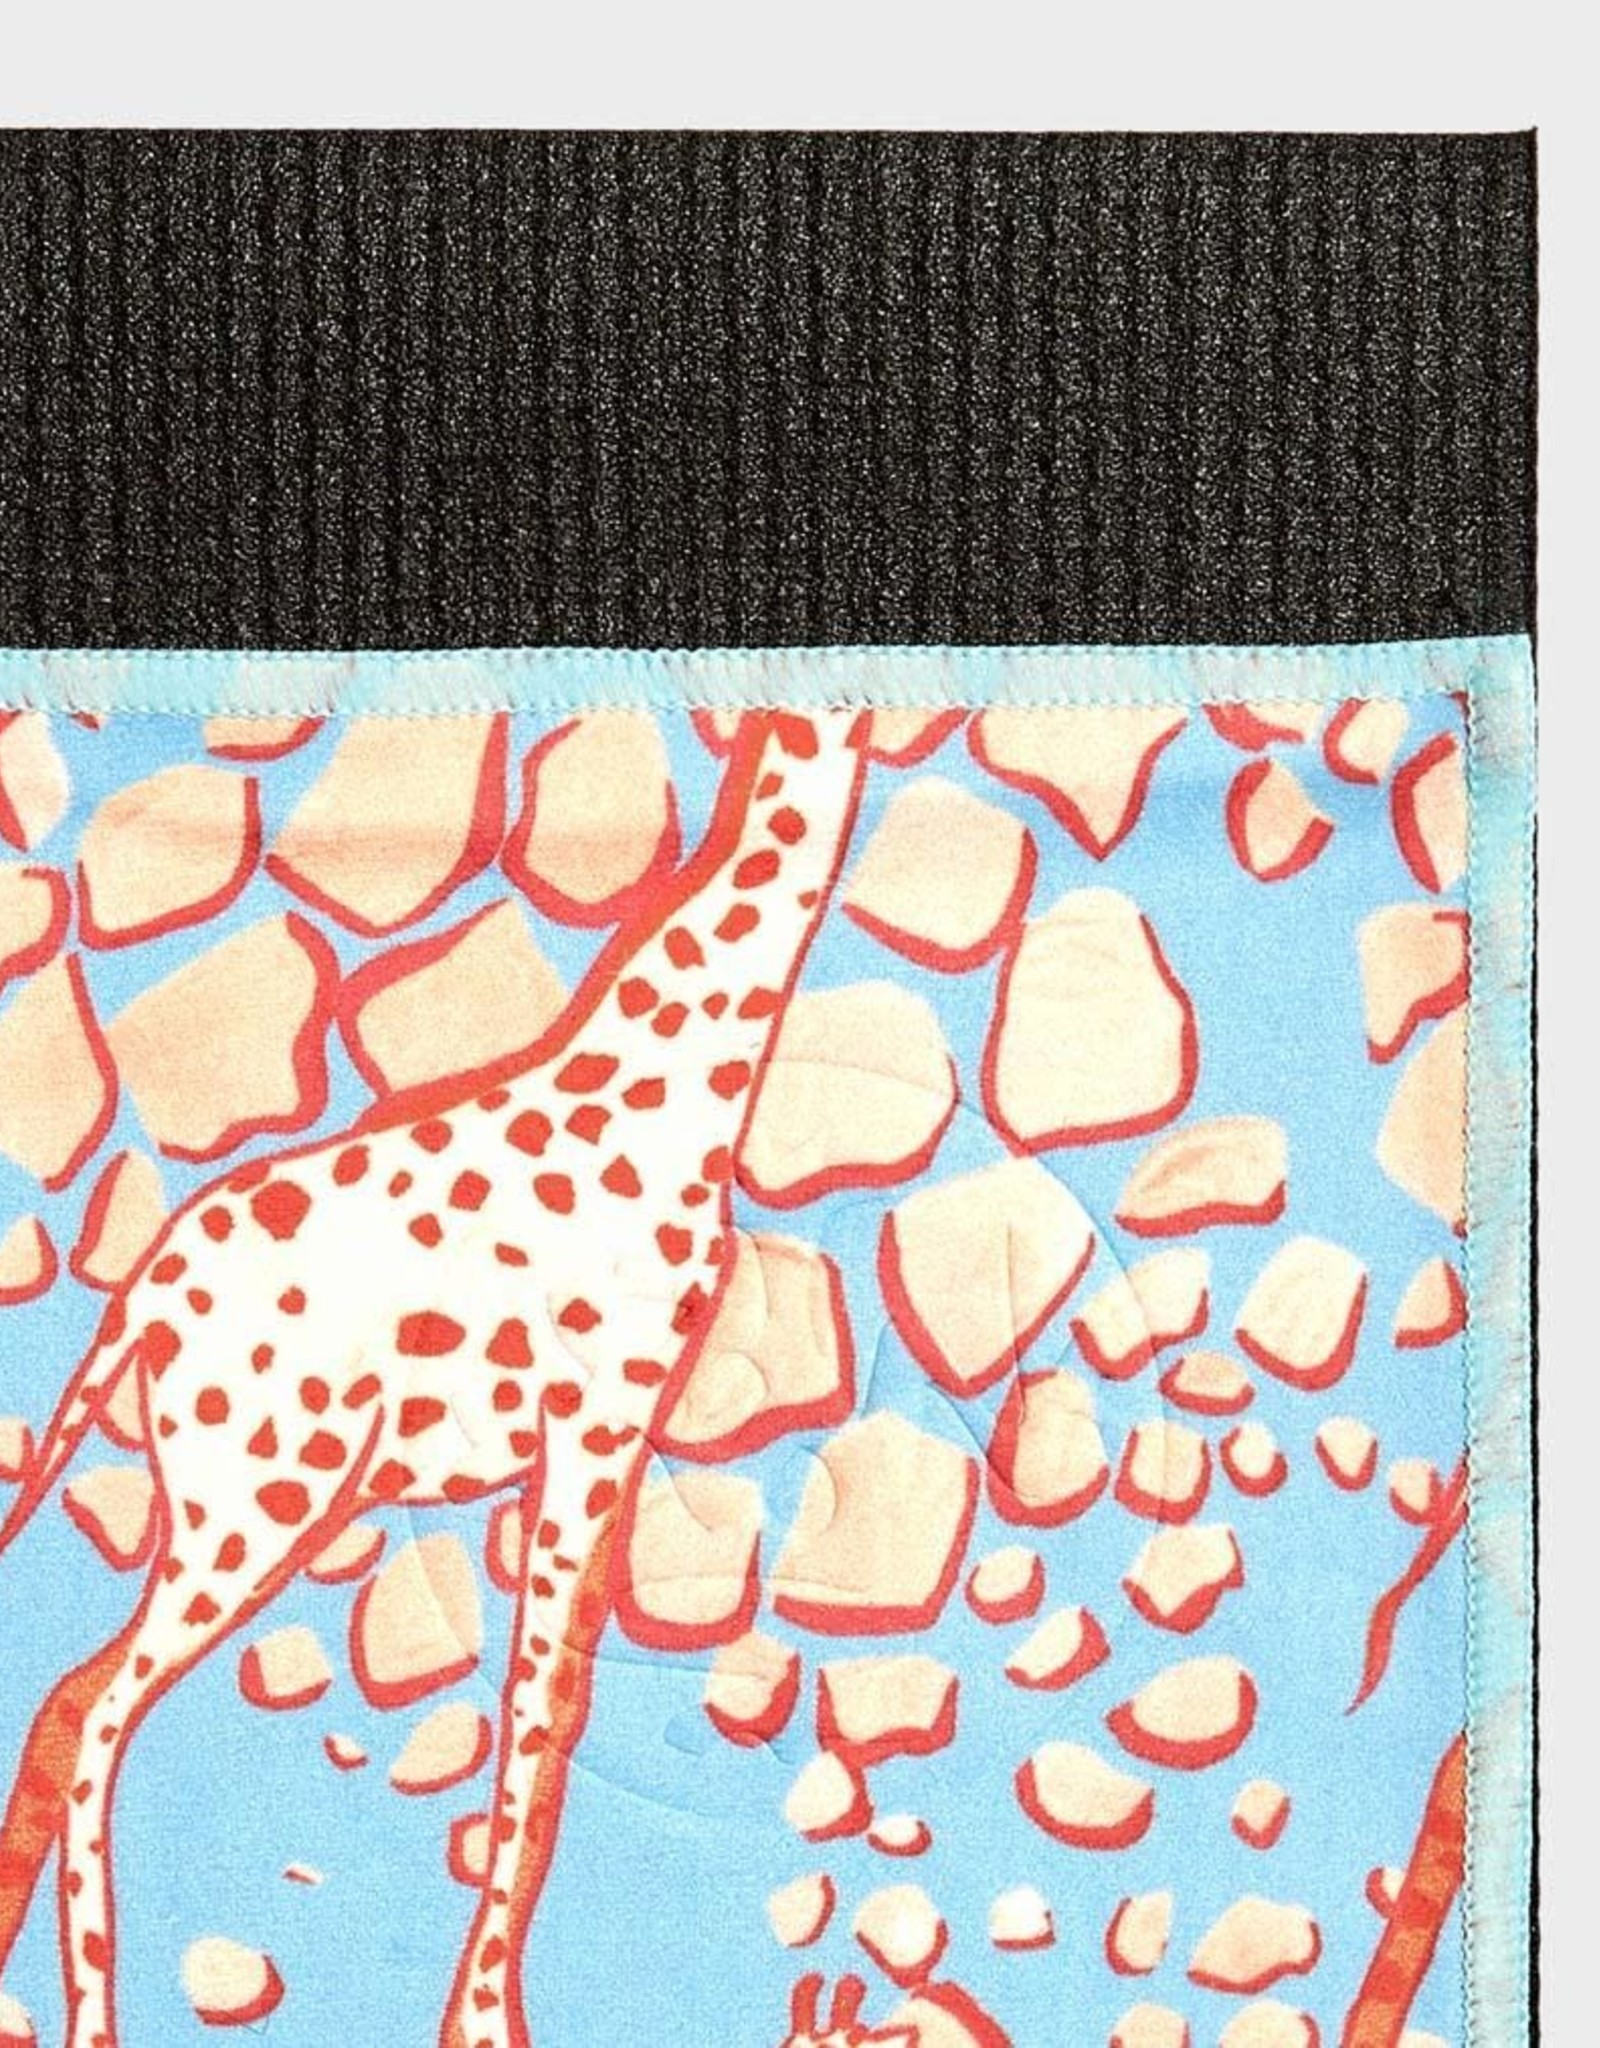 Manduka eQua Mat Towel - Limited Collection - Giraffes Blue